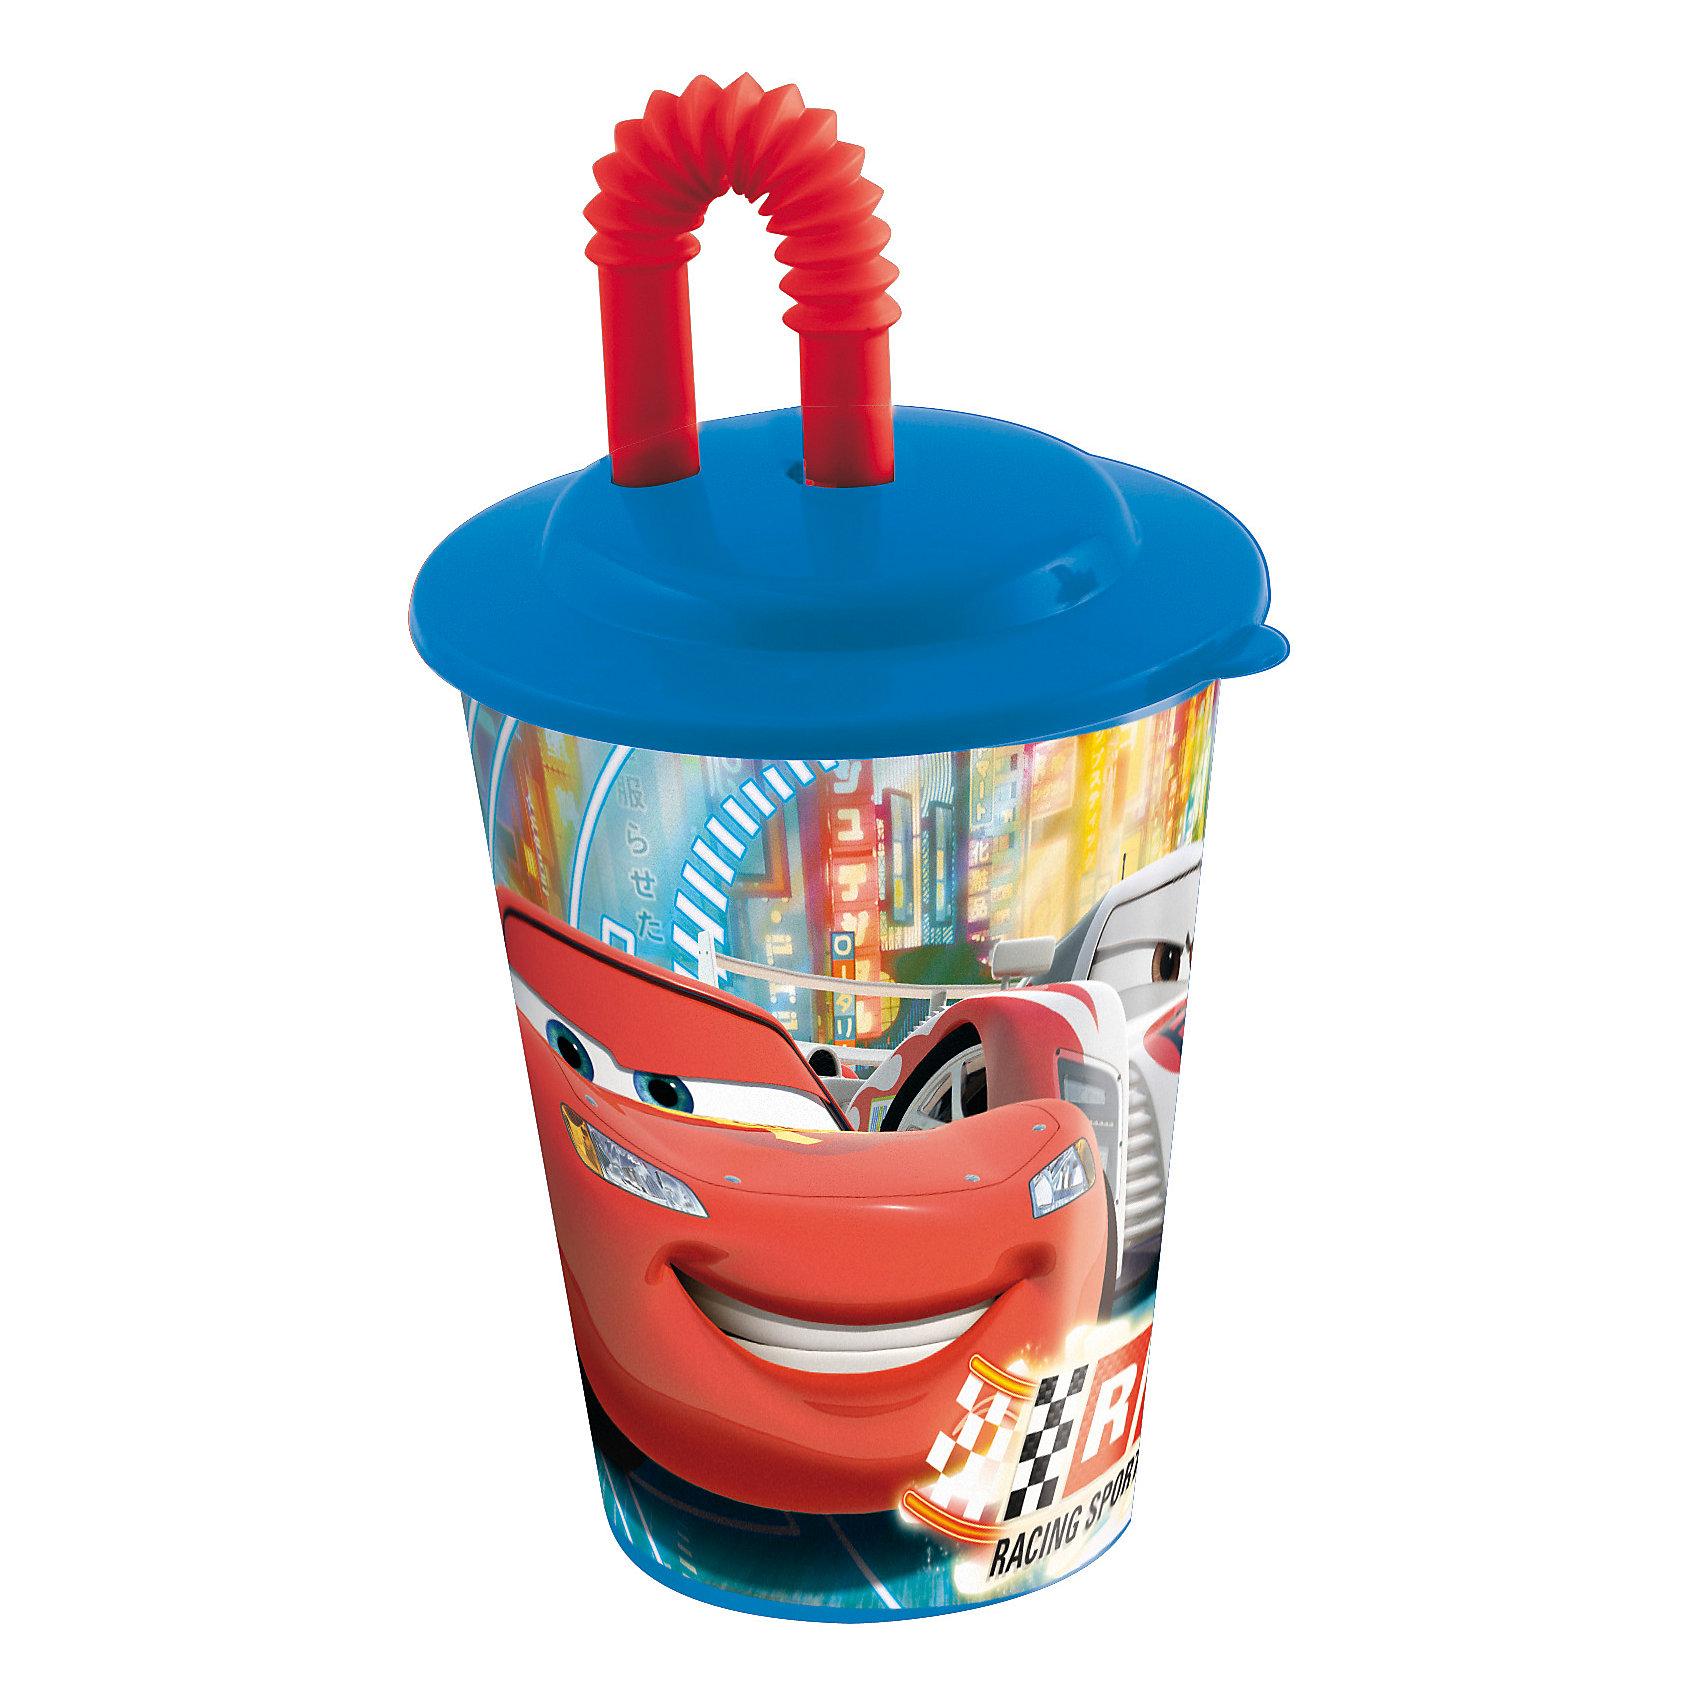 Стакан с крышкой и трубочкой, 450 мл, ТачкиТачки<br>Стакан с изображением любимых героев обязательно понравится детям. Пить из него приятнее вдвойне! Стакан имеет удобную крышку, исключающую проливание и гибкую трубочку, выполнен из высококачественного экологичного пищевого пластика. Пластиковая посуда - практичная и безопасная, ее можно брать с собой куда угодно, не беспокоясь, что она может разбиться и поранить ребенка.   <br><br>Дополнительная информация:<br><br>- Материал: пластик.<br>- Объем: 450 мл.<br><br>Стакан с крышкой и трубочкой, 450 мл, Тачки (Cars), можно купить в нашем магазине.<br><br>Ширина мм: 95<br>Глубина мм: 95<br>Высота мм: 180<br>Вес г: 75<br>Возраст от месяцев: 36<br>Возраст до месяцев: 144<br>Пол: Мужской<br>Возраст: Детский<br>SKU: 4761393